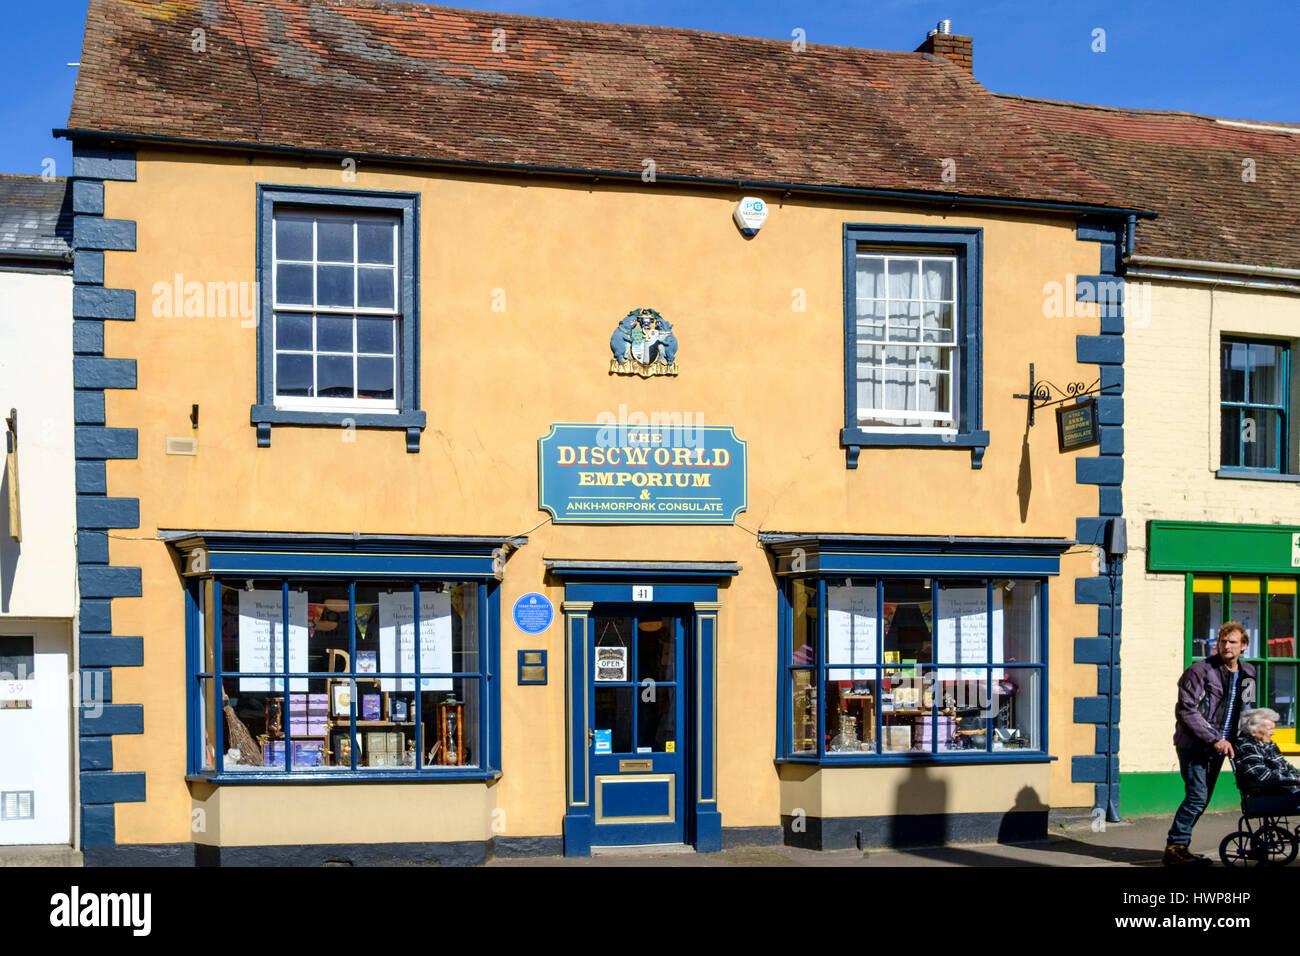 Viste della città Wincanton in somerset England Regno Unito. Astuzia artefice Discworld Shop Foto Stock